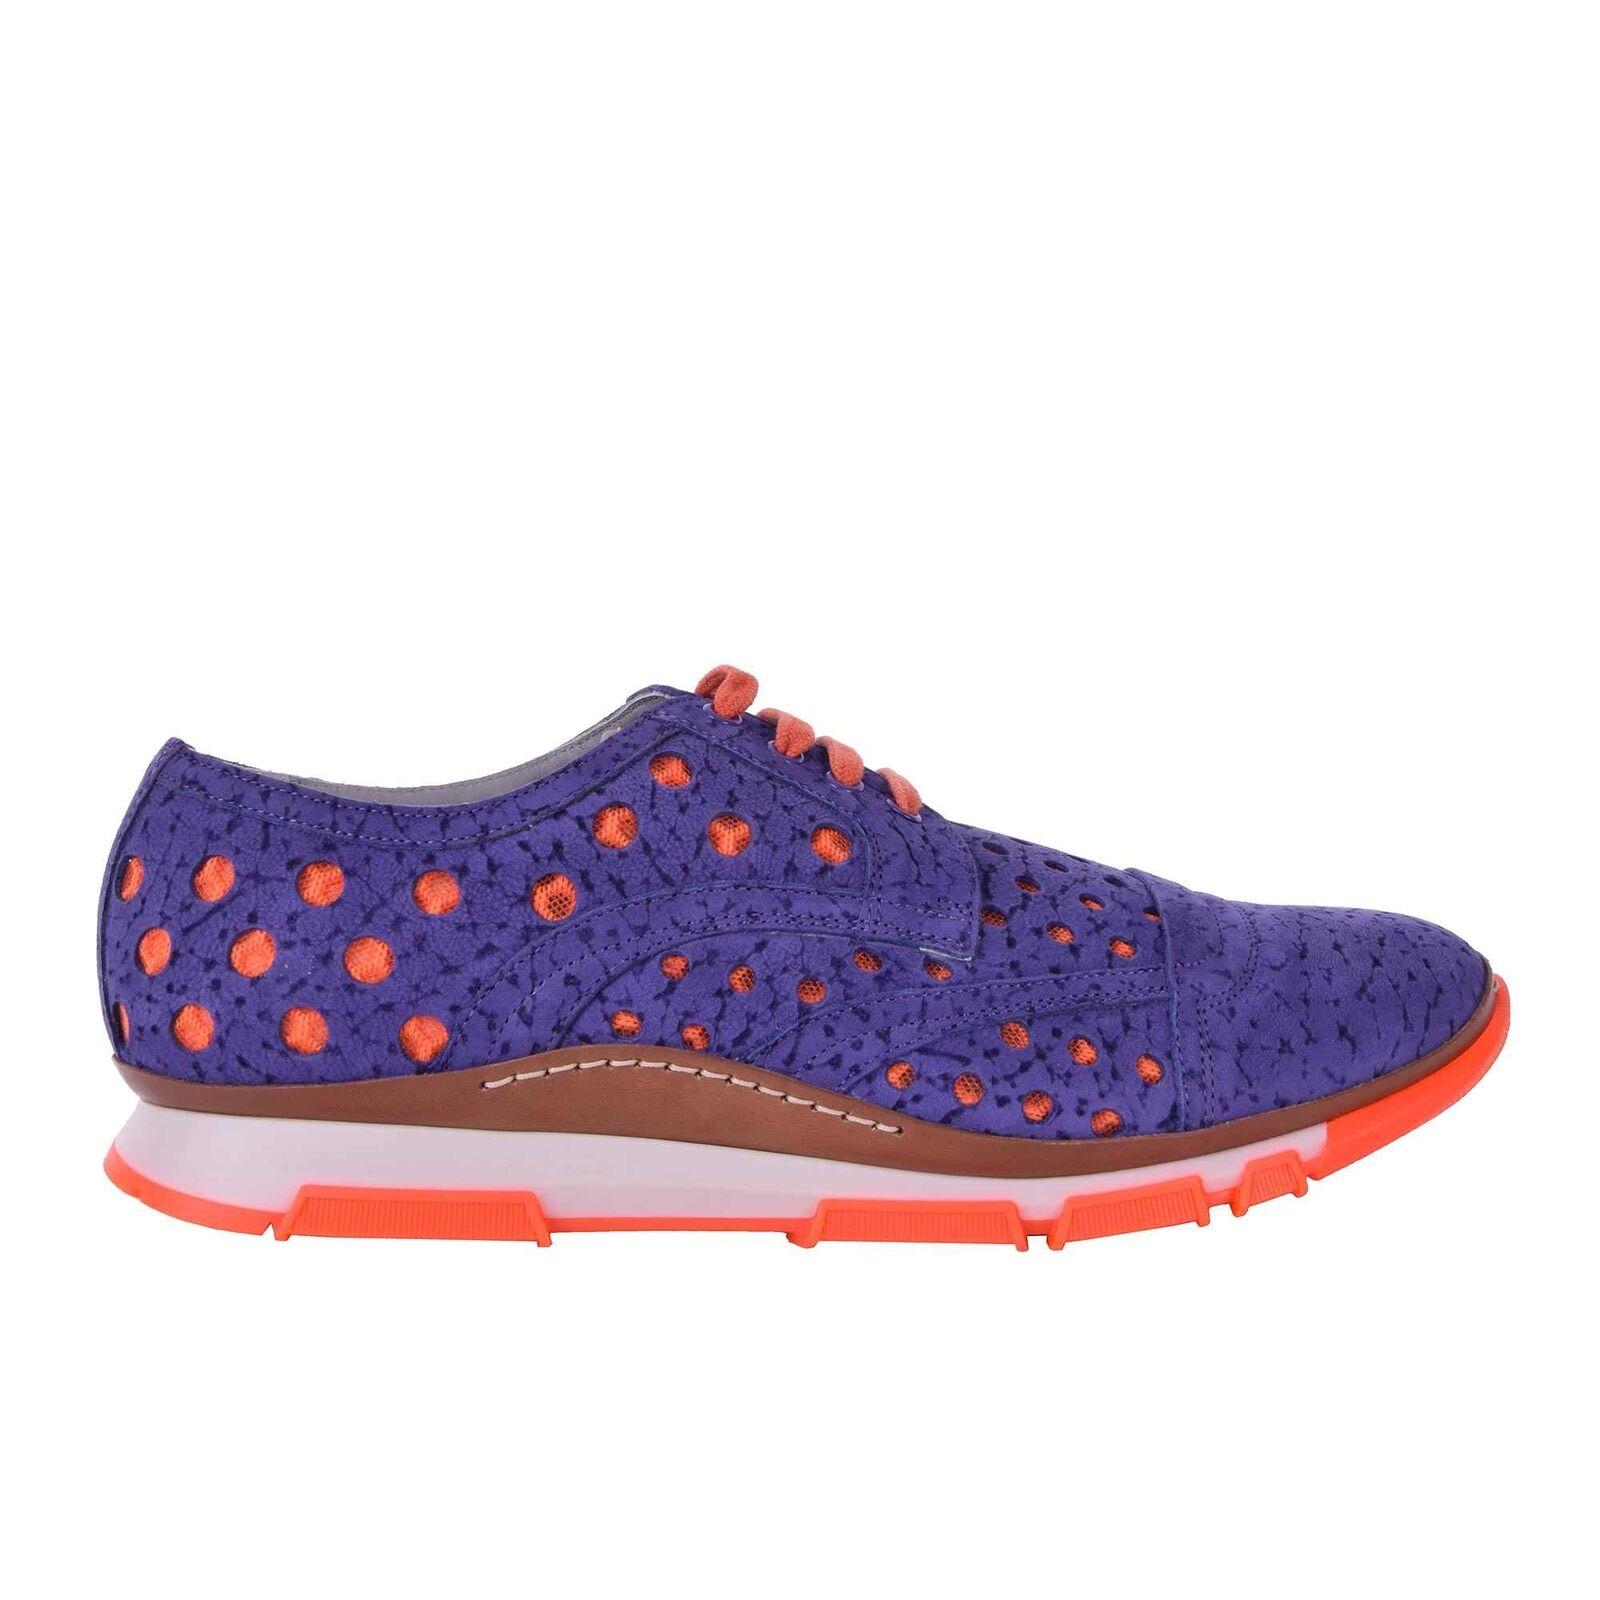 DOLCE & SCILLA GABBANA Perforierte Wildleder Zapatos Sneakers SCILLA & Lila Sneaker 05919 9bb1e5